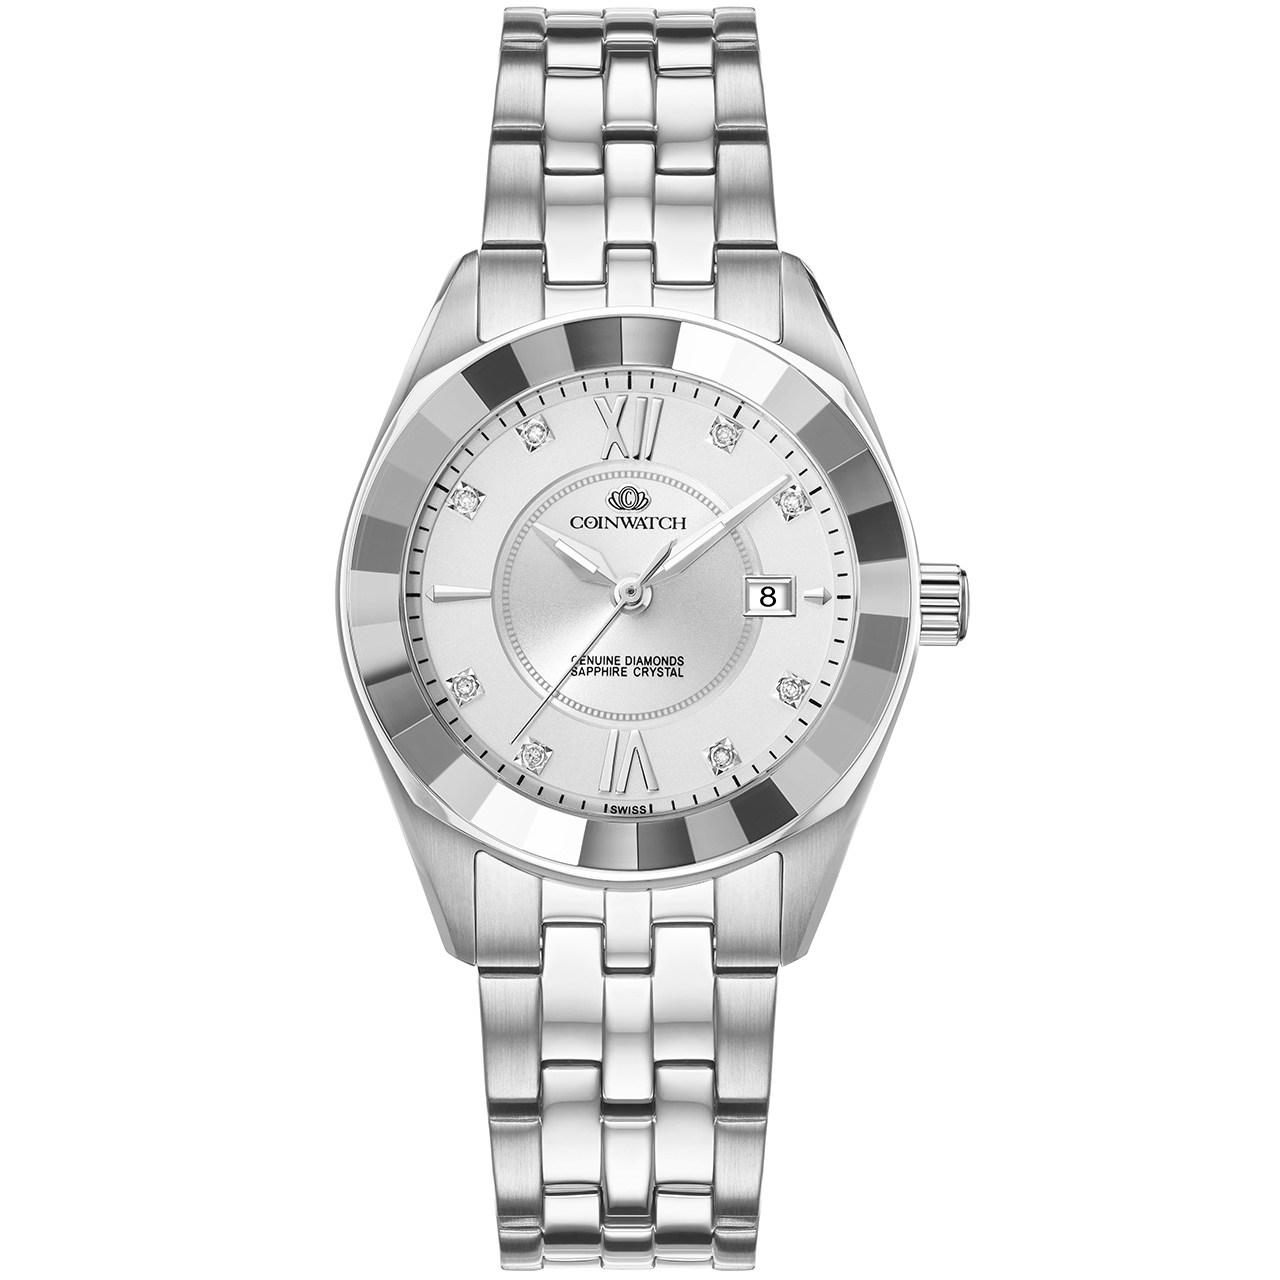 ساعت مچی عقربه ای زنانه کوین واچ مدل C156SWH